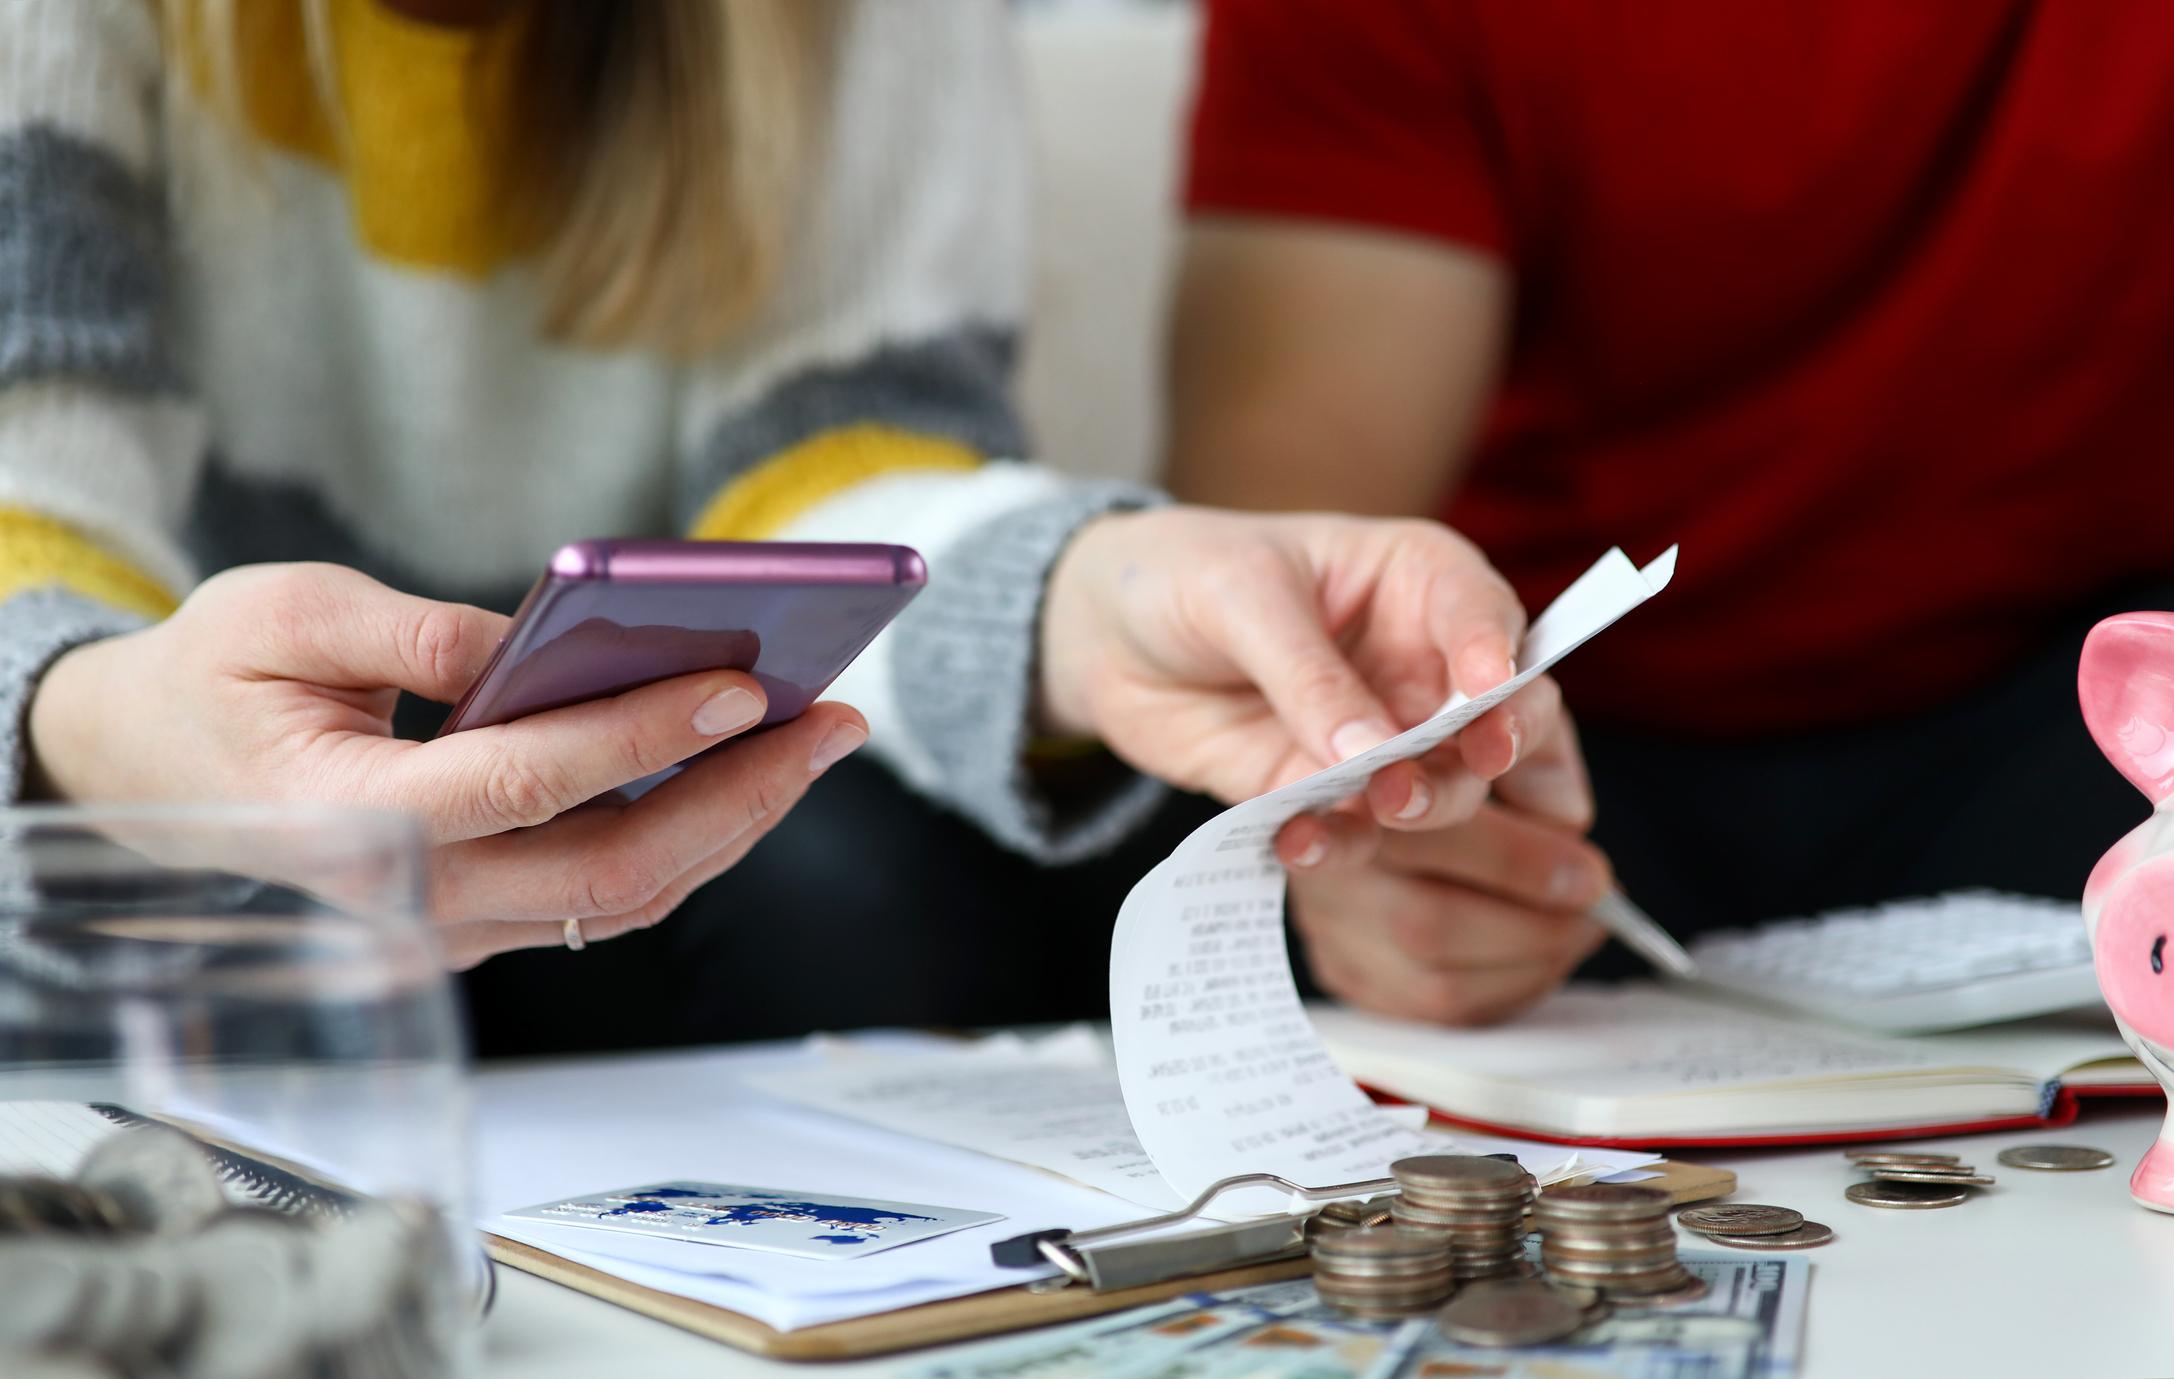 Retail Cash Management - Complete Controller